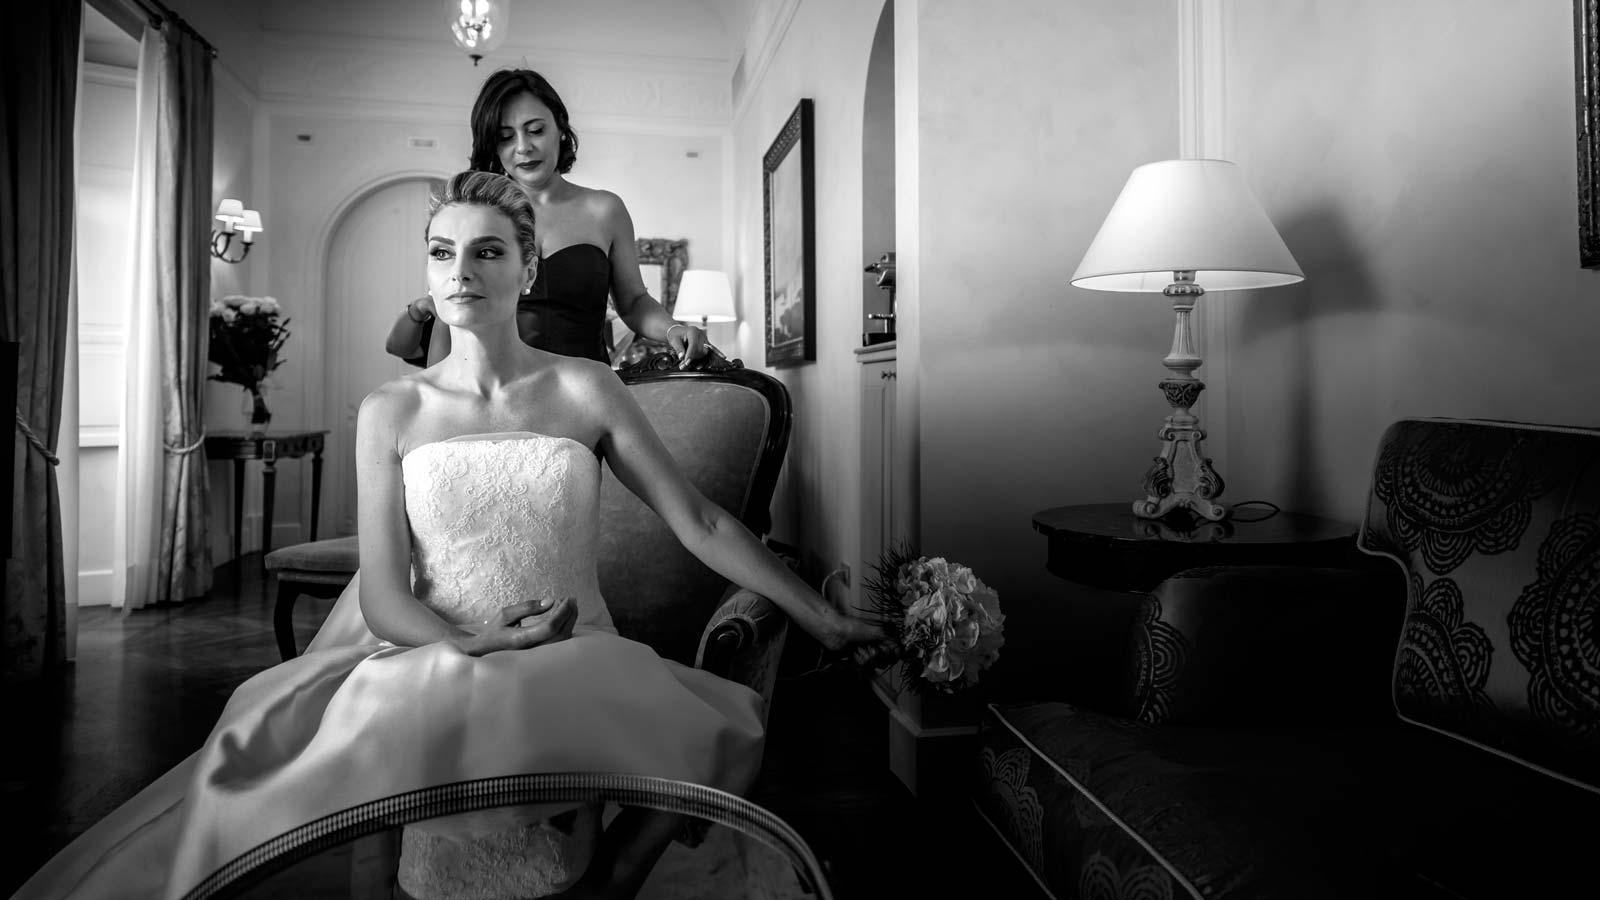 fotografo-matrimonio-taormina-sicilia-luxury-wedding-reportage-di-matrimonio-fotografo-messina-01